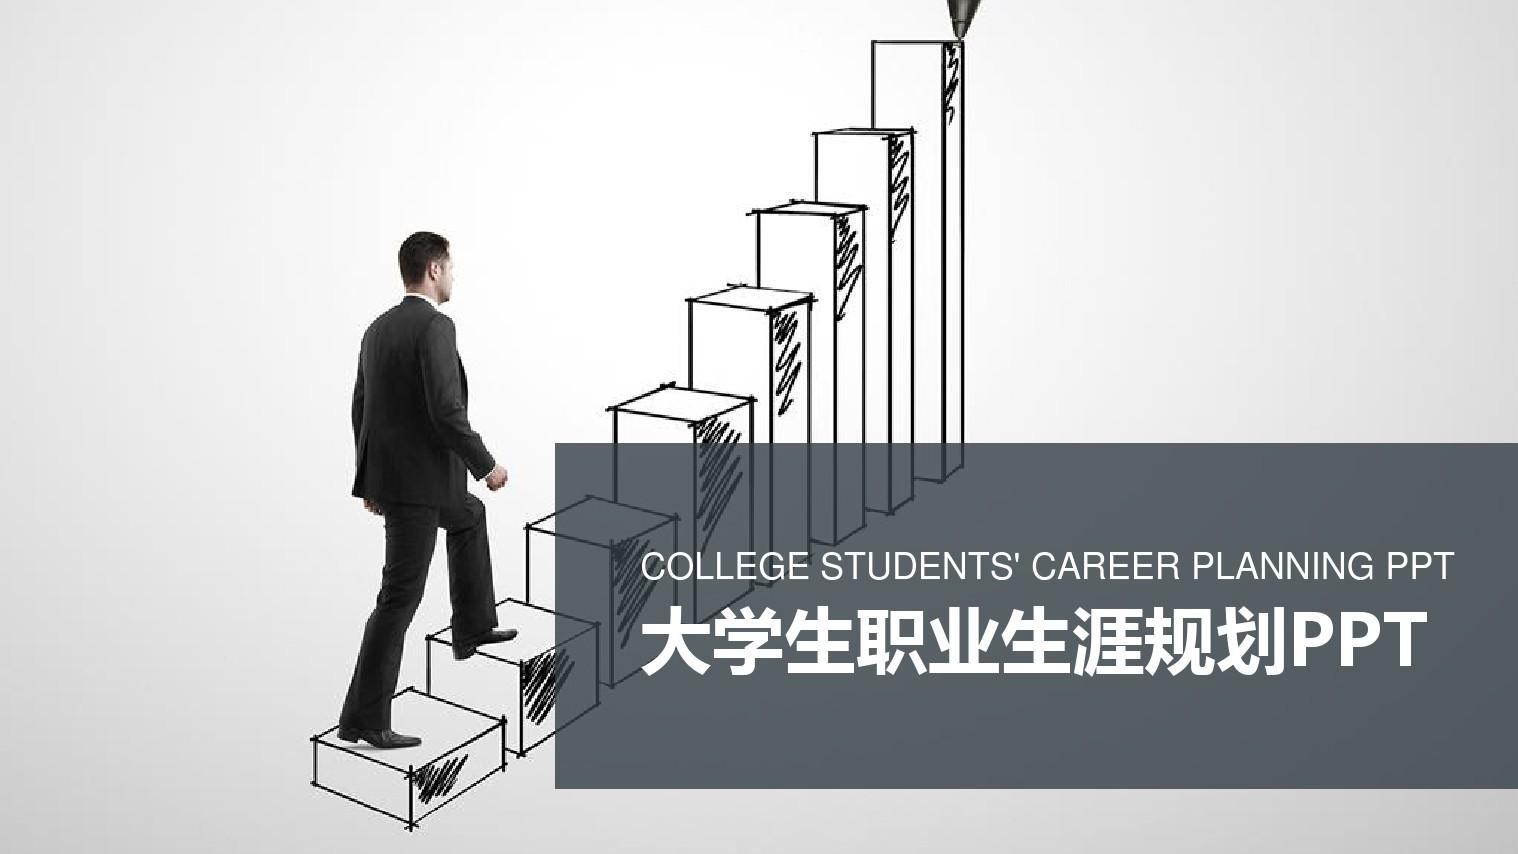 2018年应届大学生职业生涯规划ppt模板素材 (34)图片